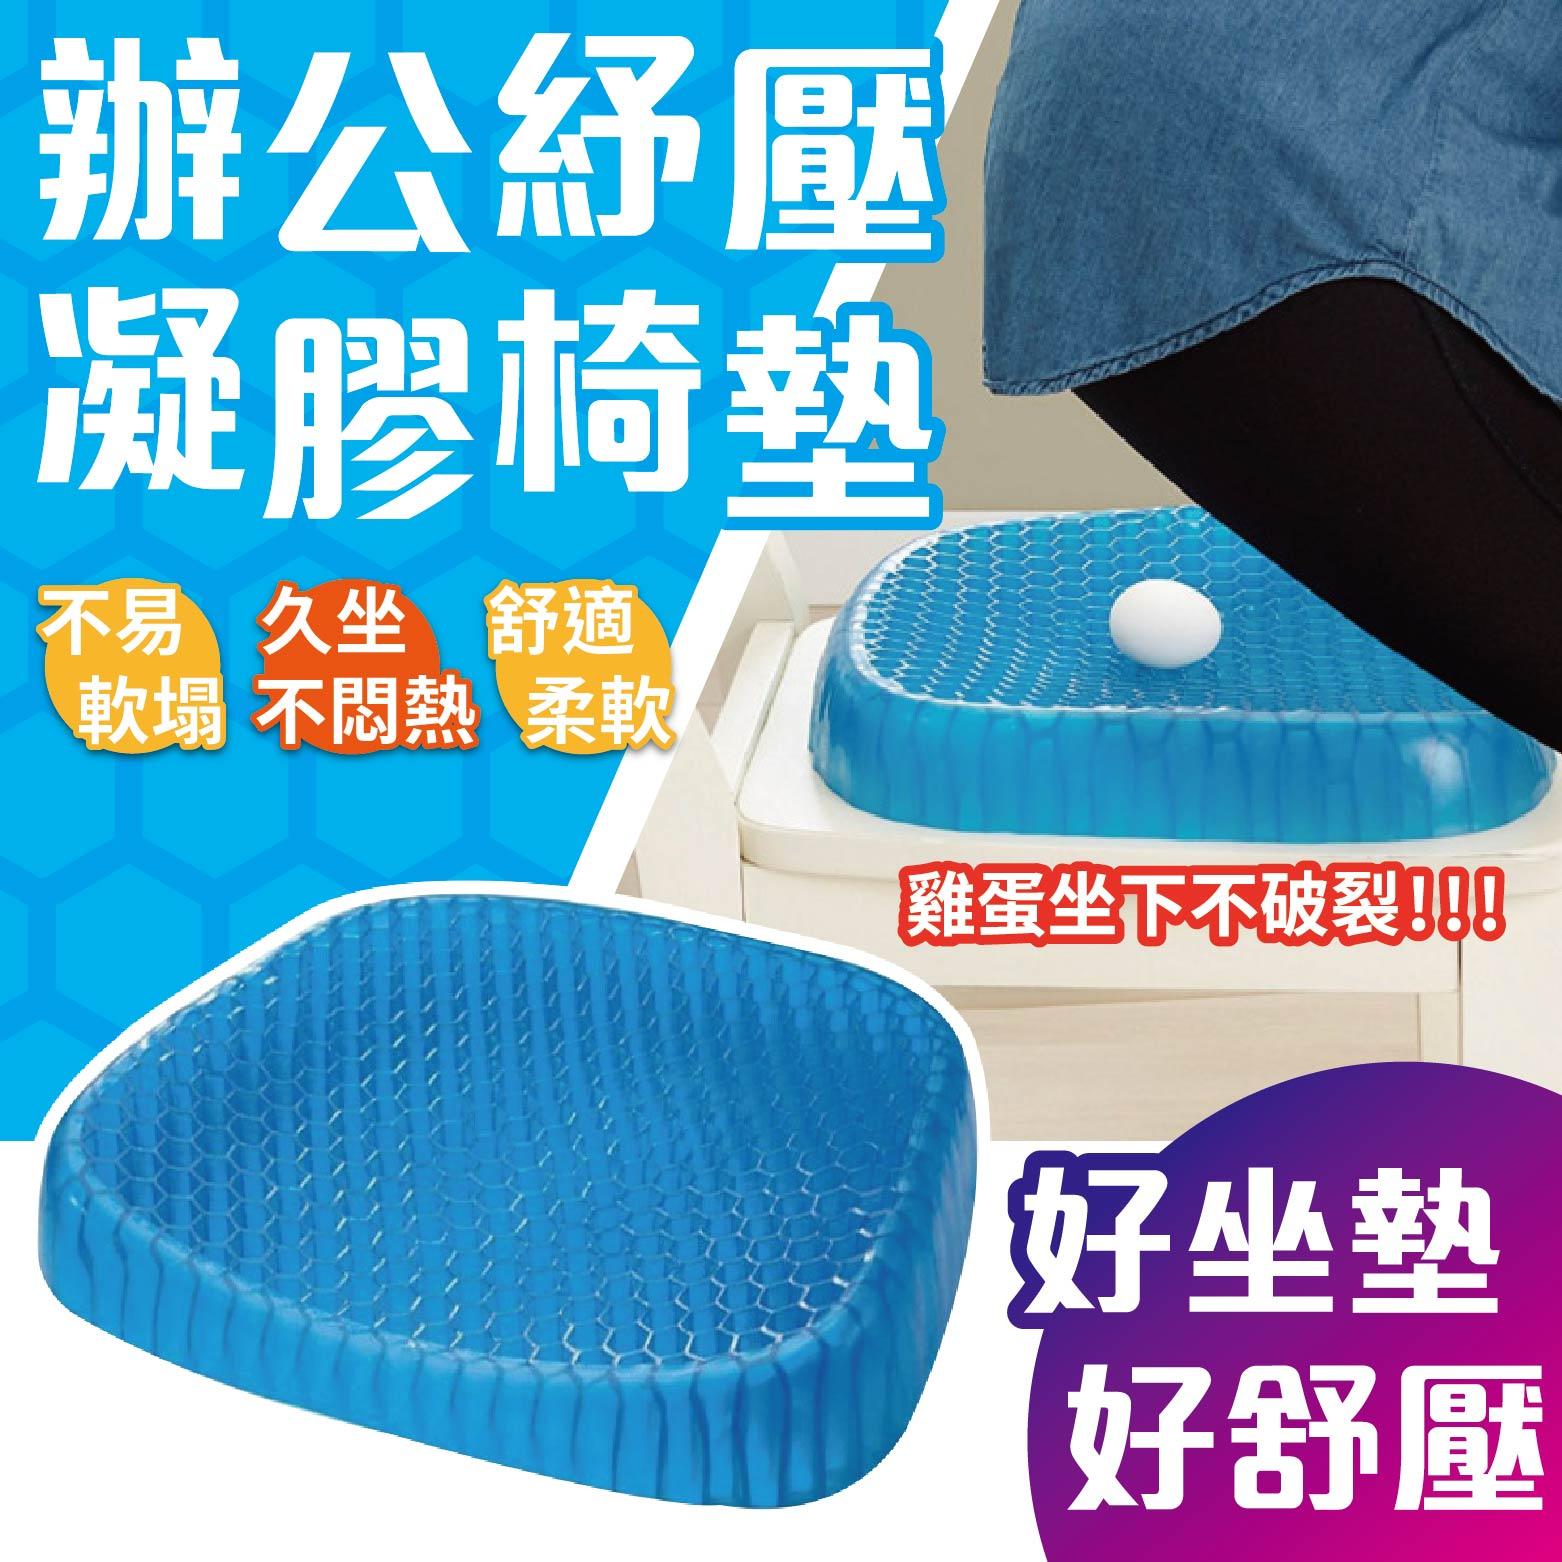 【百寶袋】水感凝膠座墊 座墊 防震 減壓座墊 水感凝膠坐墊 雞蛋坐墊【BE240】